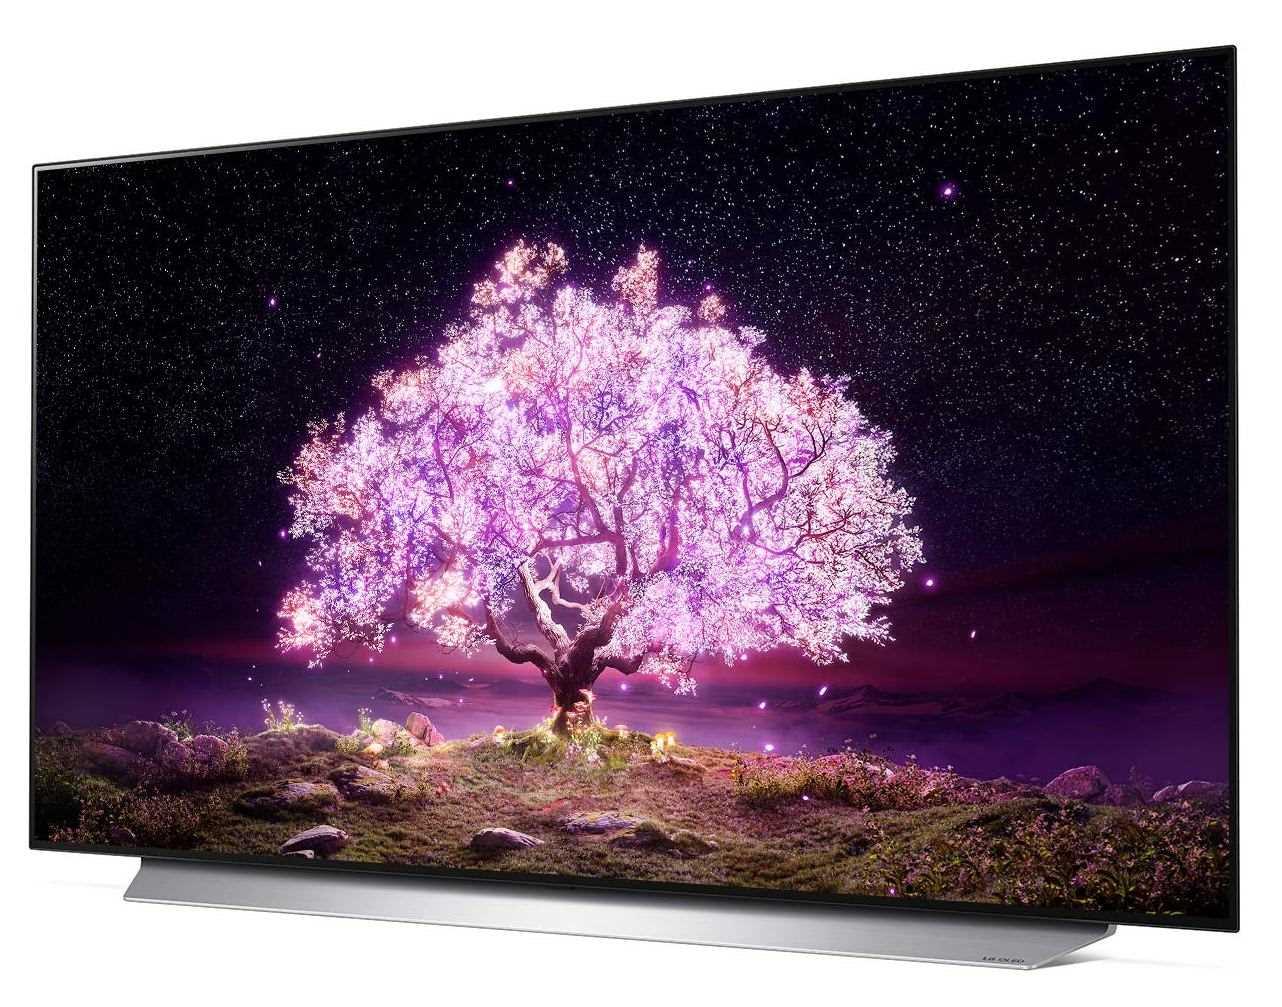 טלוויזיה 77 אינץ' דגם OLED 77C1PVA  בטכנולוגיית LG 4K Ultra HD אל ג'י - תמונה 2